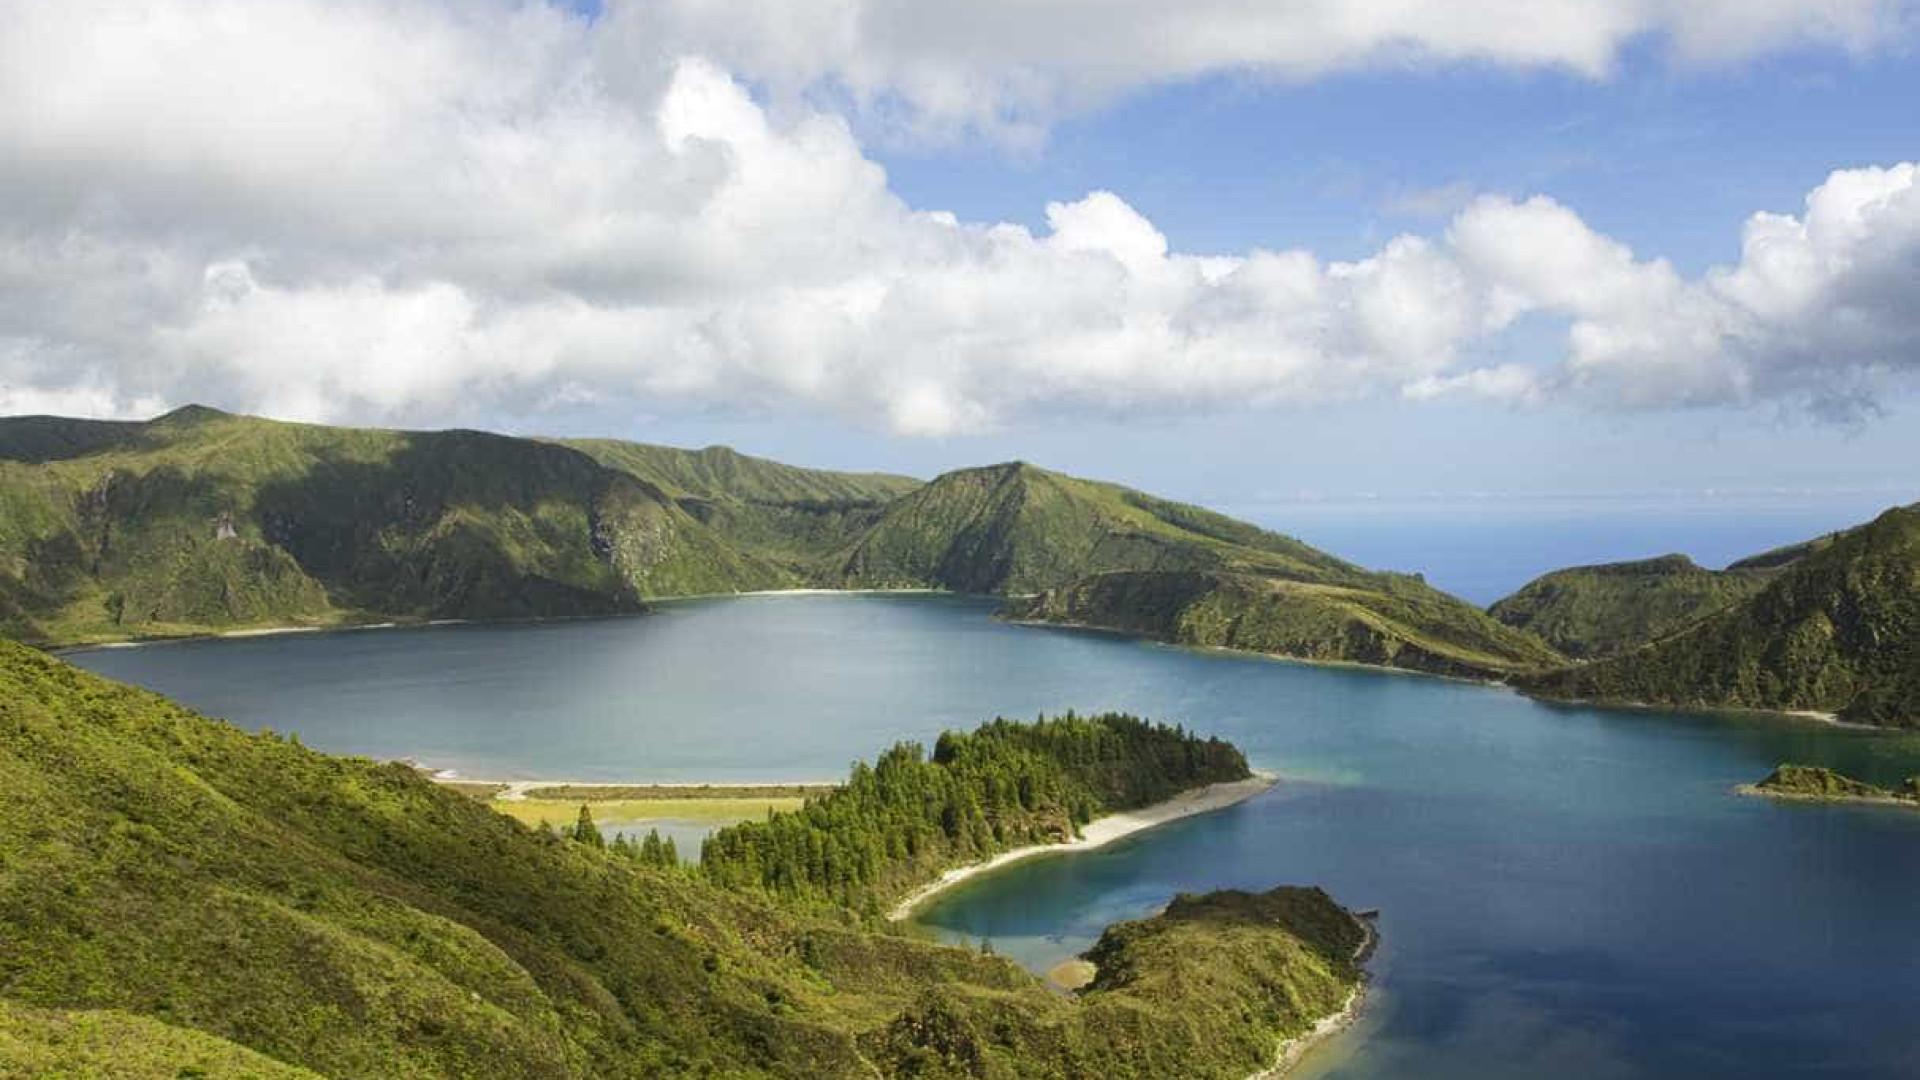 Proposta para as alterações climáticas nos Açores em discussão